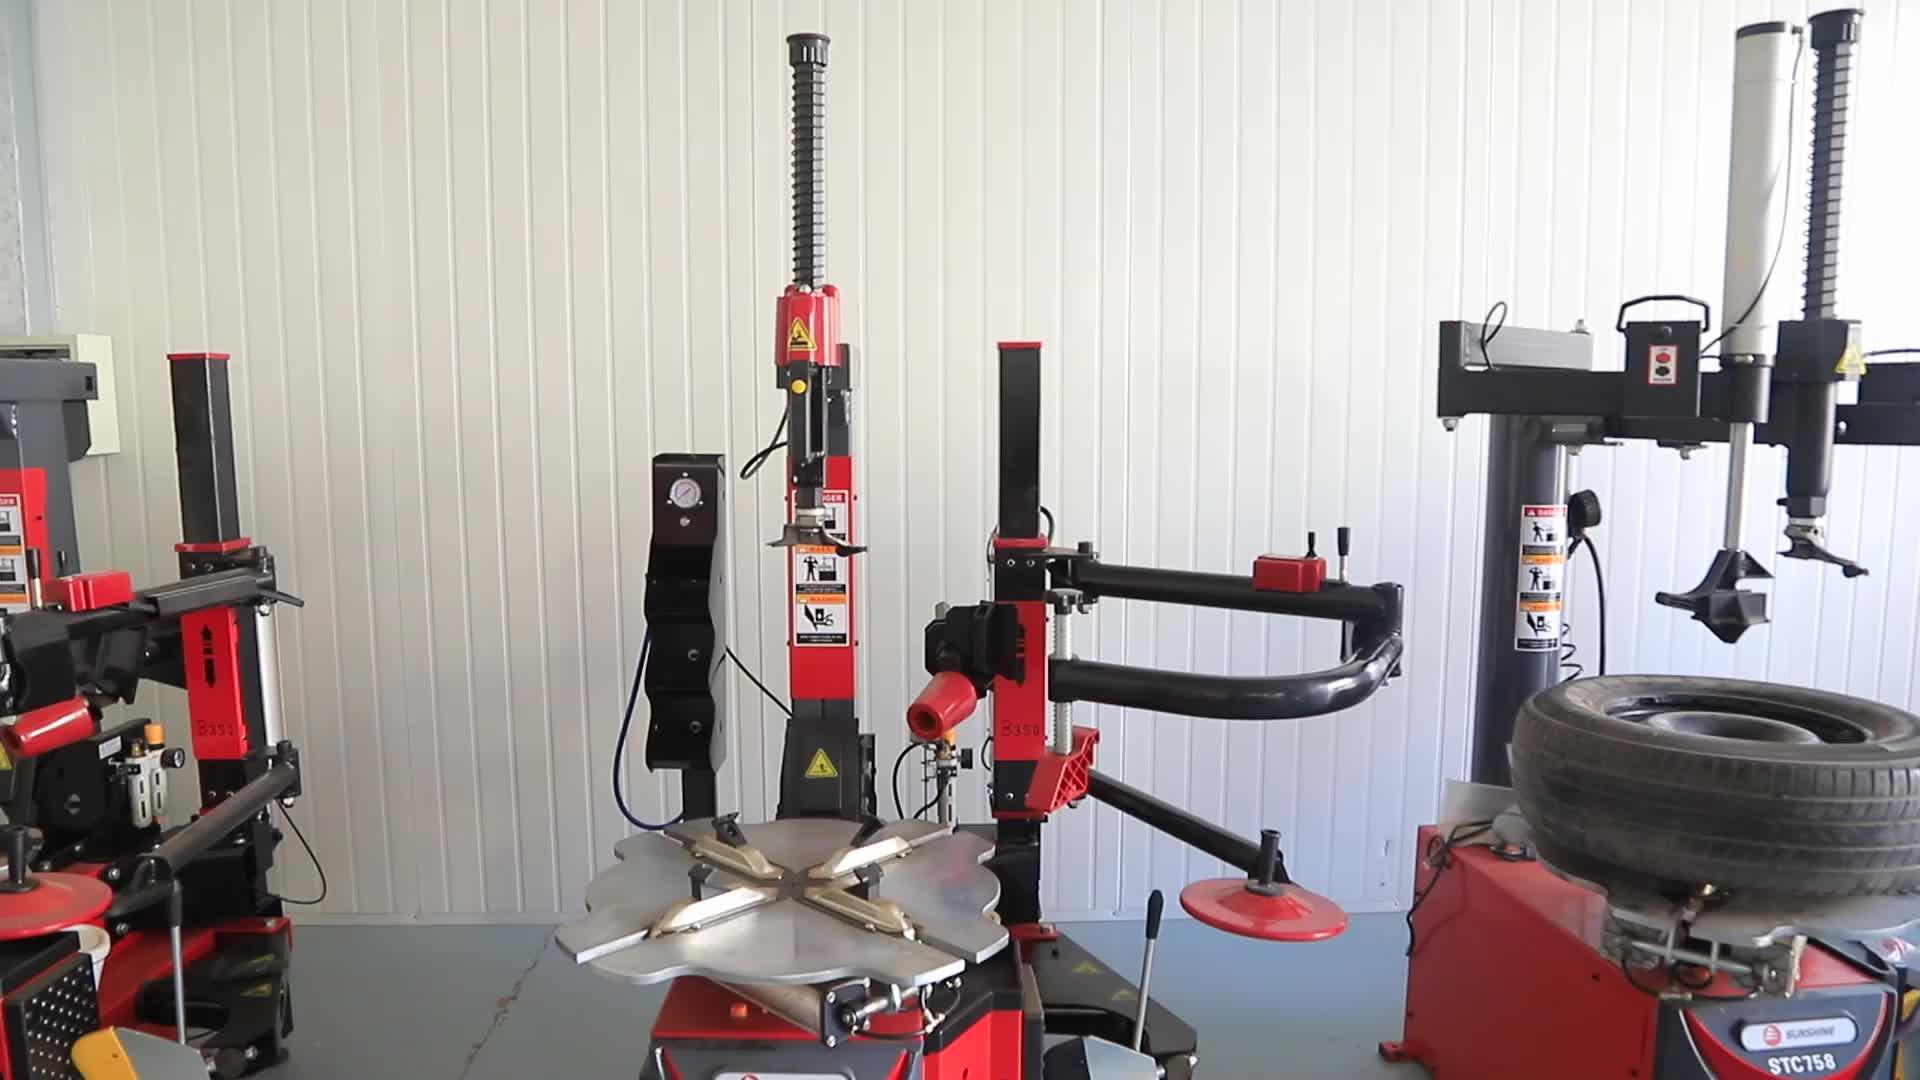 آلة توازن العجلات S808 ، شهادة CE ، موازن عجلات